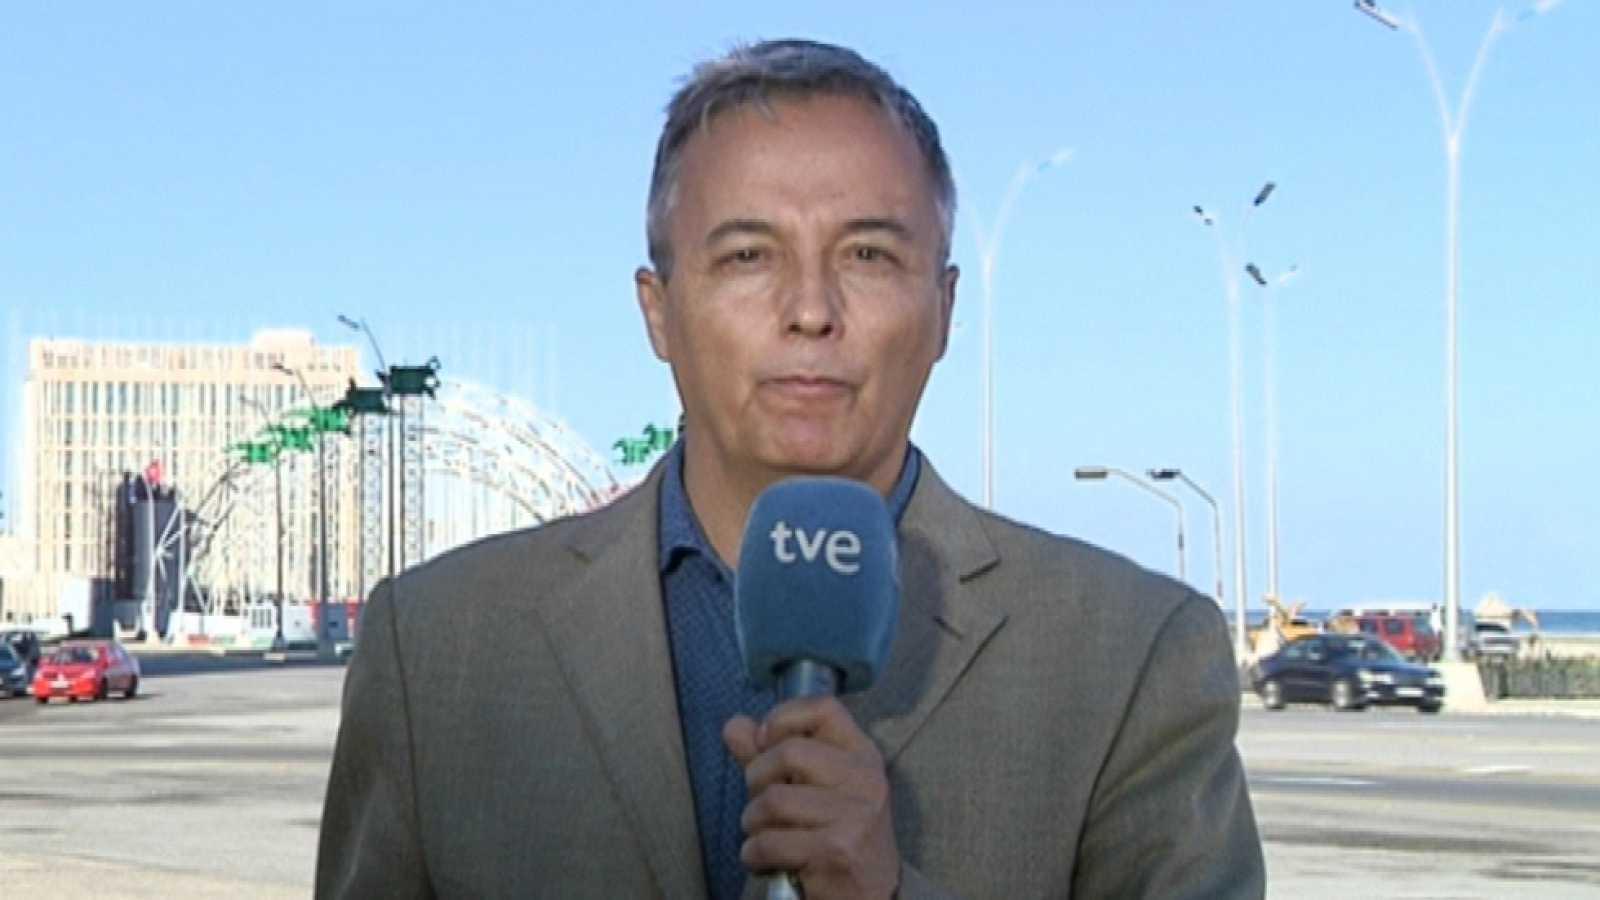 Detienen al enviado especial de TVE en La Habana